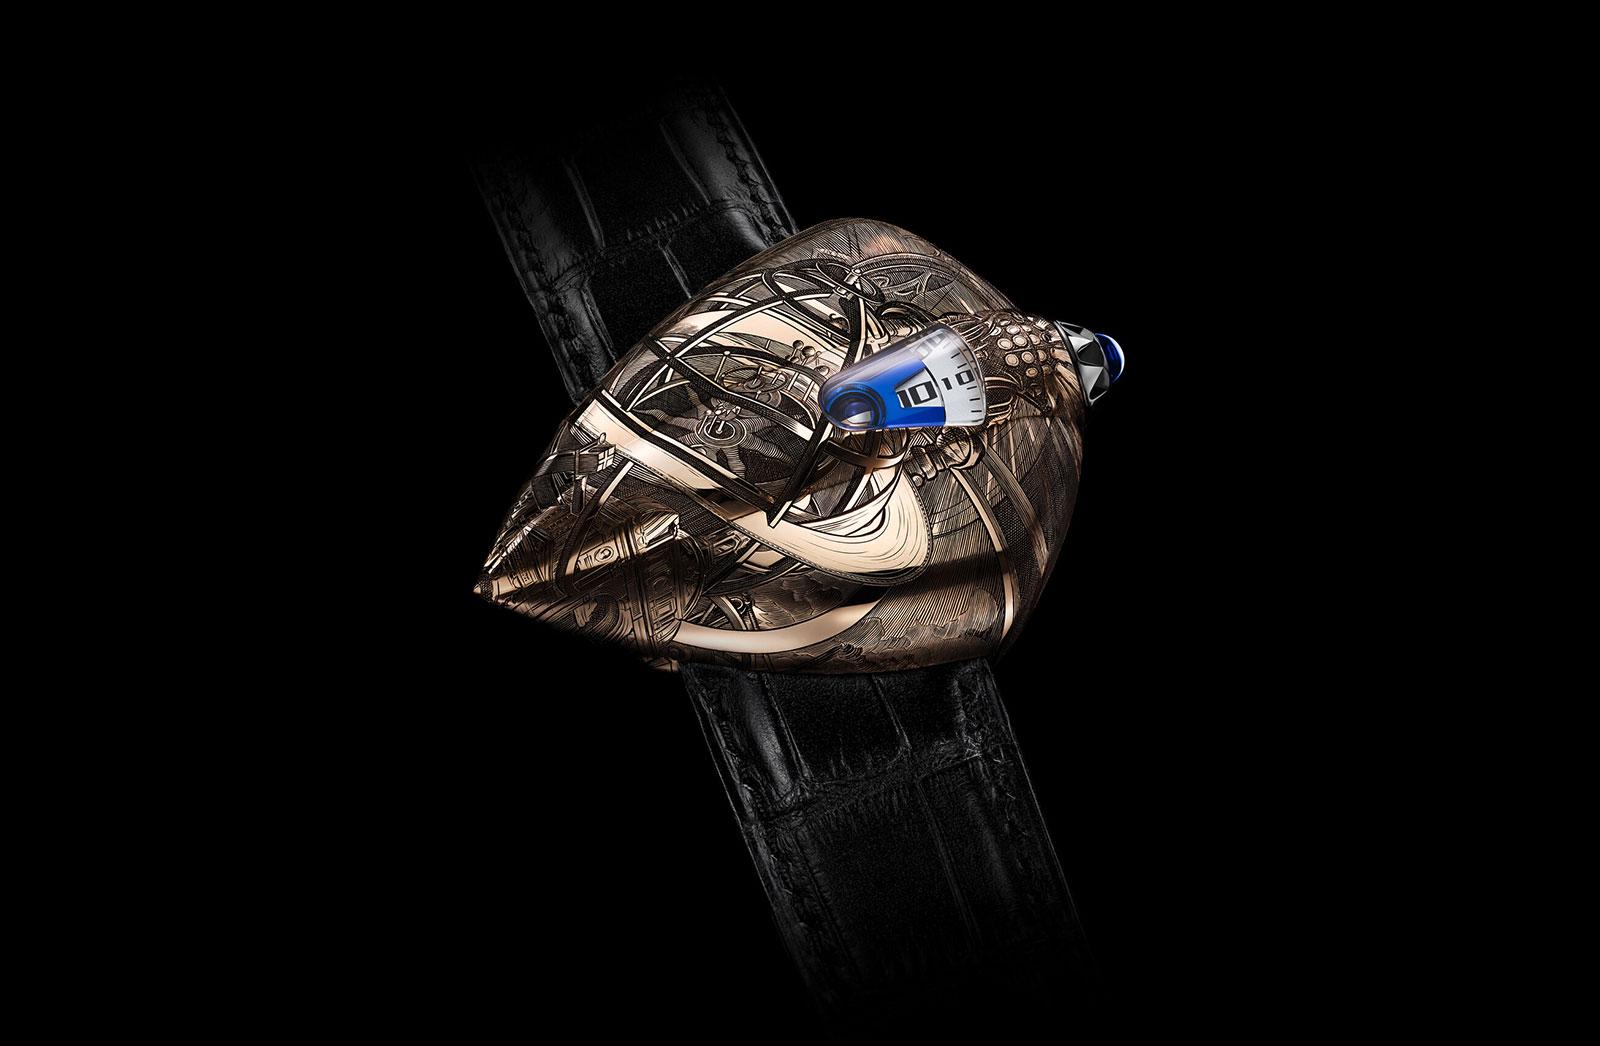 De Bethune Introduces the Maestri'Art DW5 Armilia | SJX Watches